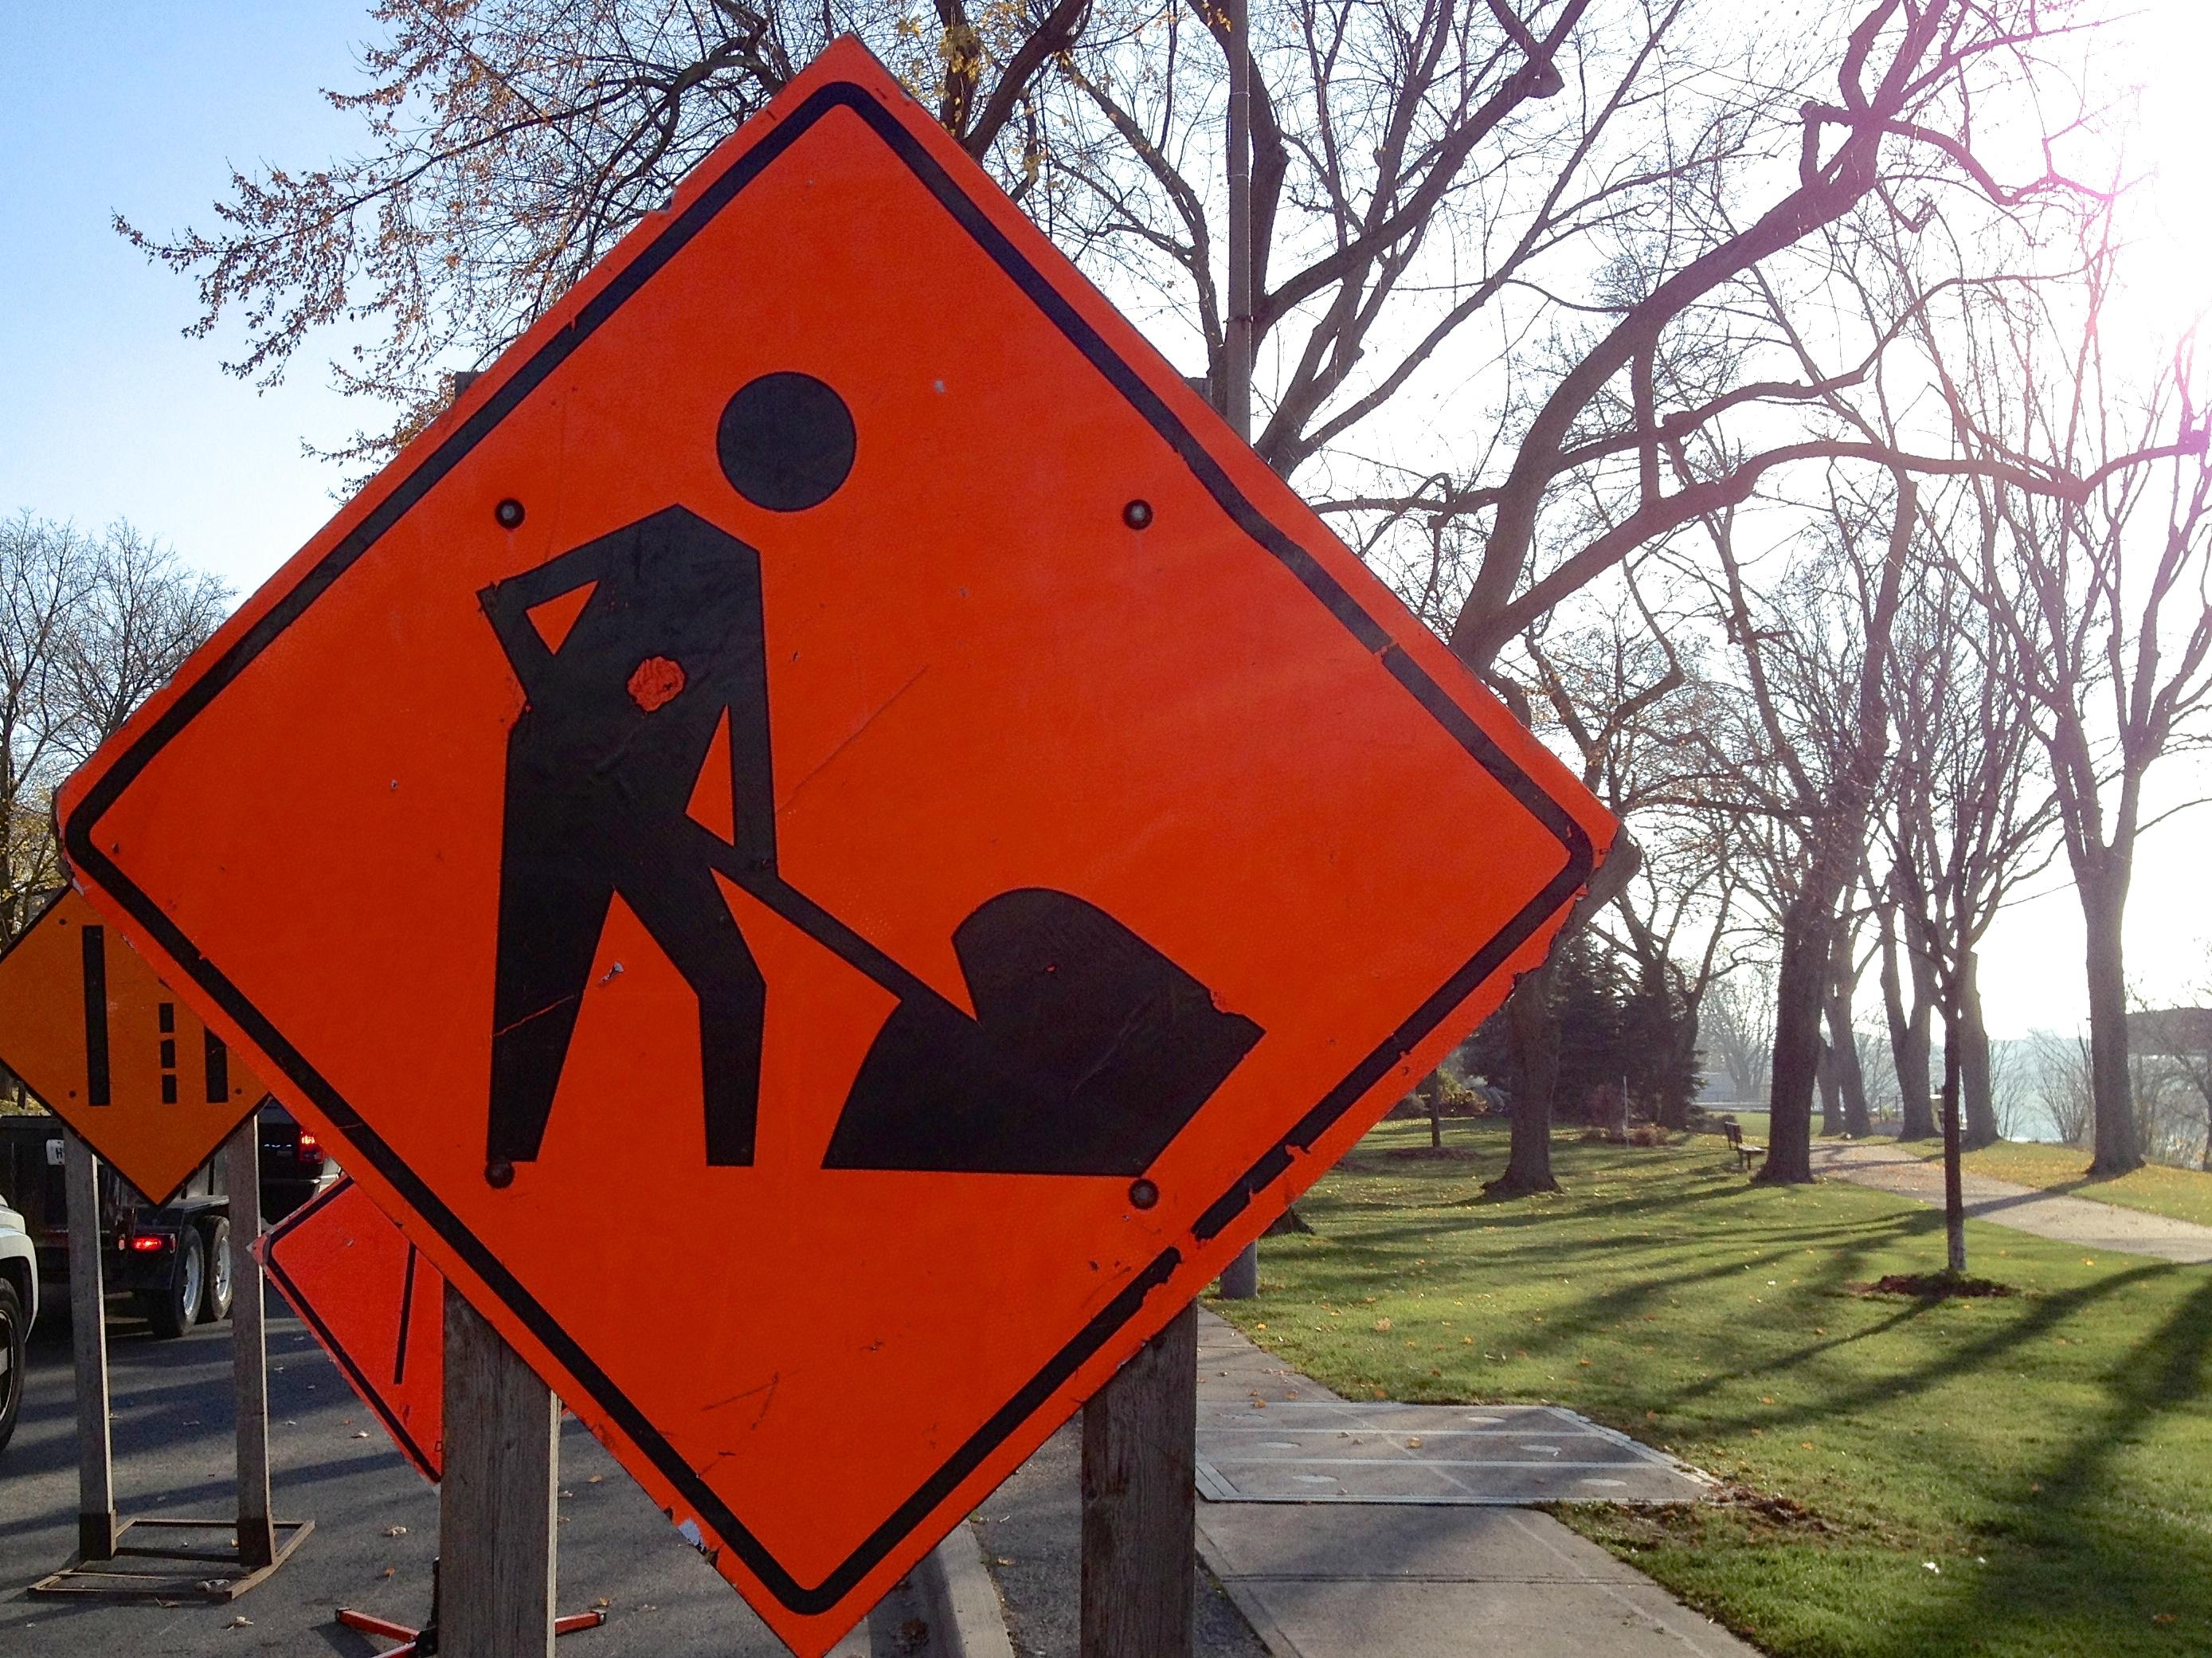 картинки альтернативные дорожные знаки протяжении всей своей